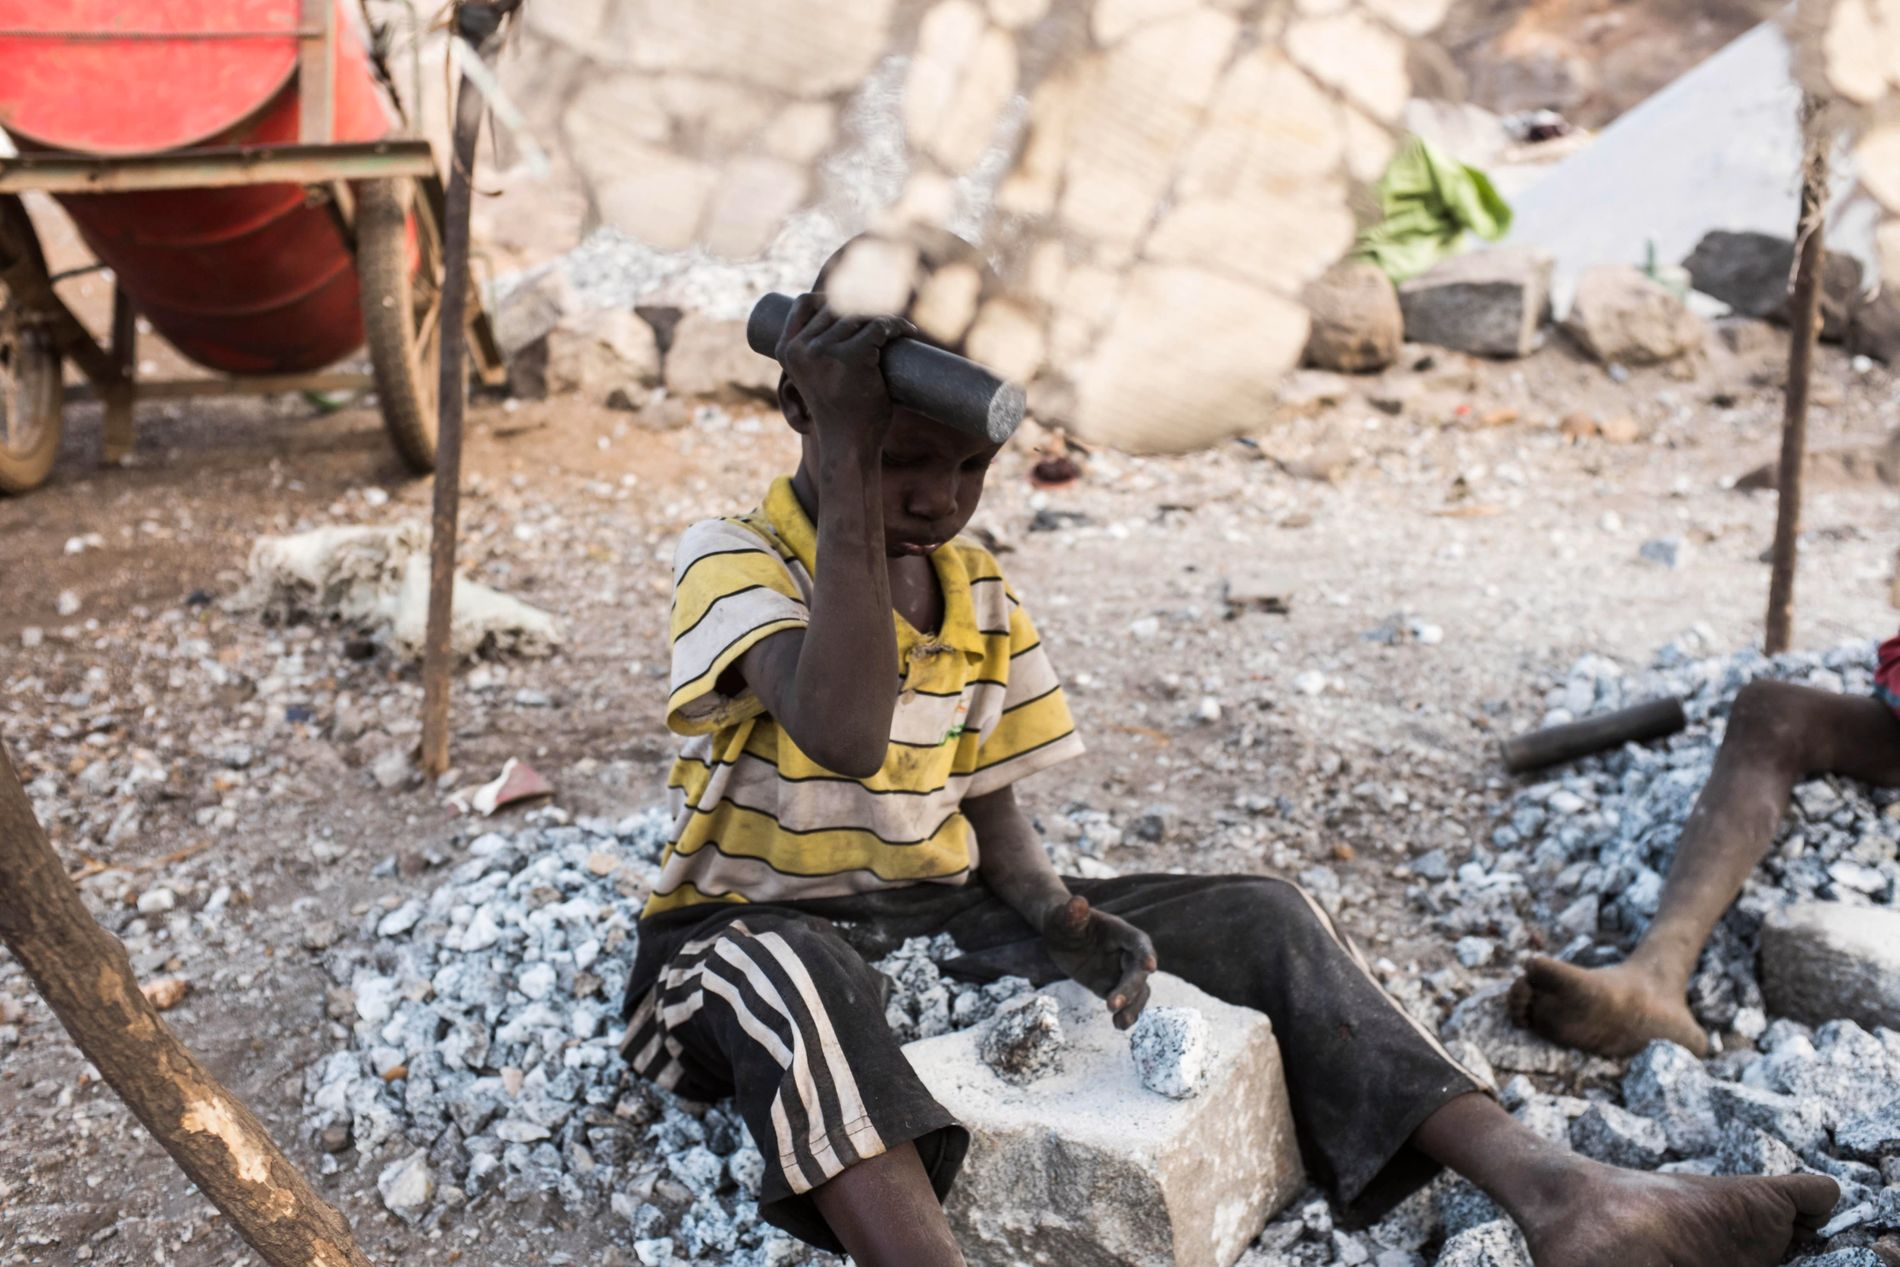 JOBB: Per dags dato finnes det ikke noe forbud mot import av varer og produktet laget av slave- eller barnearbeidere i Norge. Bildet viser en gutt som jobber med å knuser stein i en av de fattigste byene i Afrika, Ouagadougou.